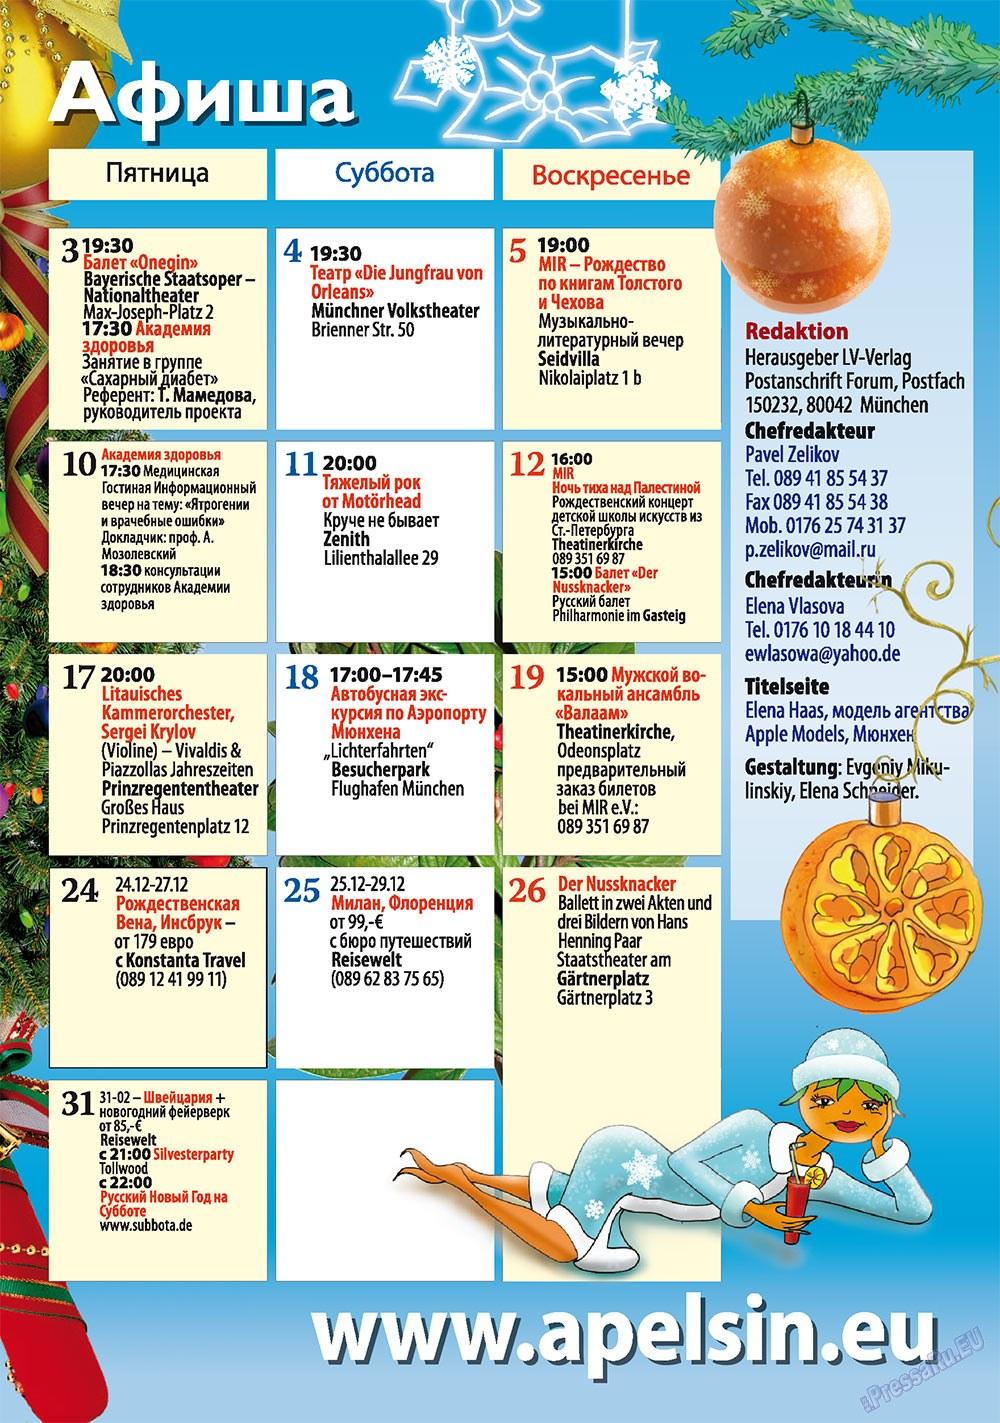 Апельсин (журнал). 2010 год, номер 17, стр. 23